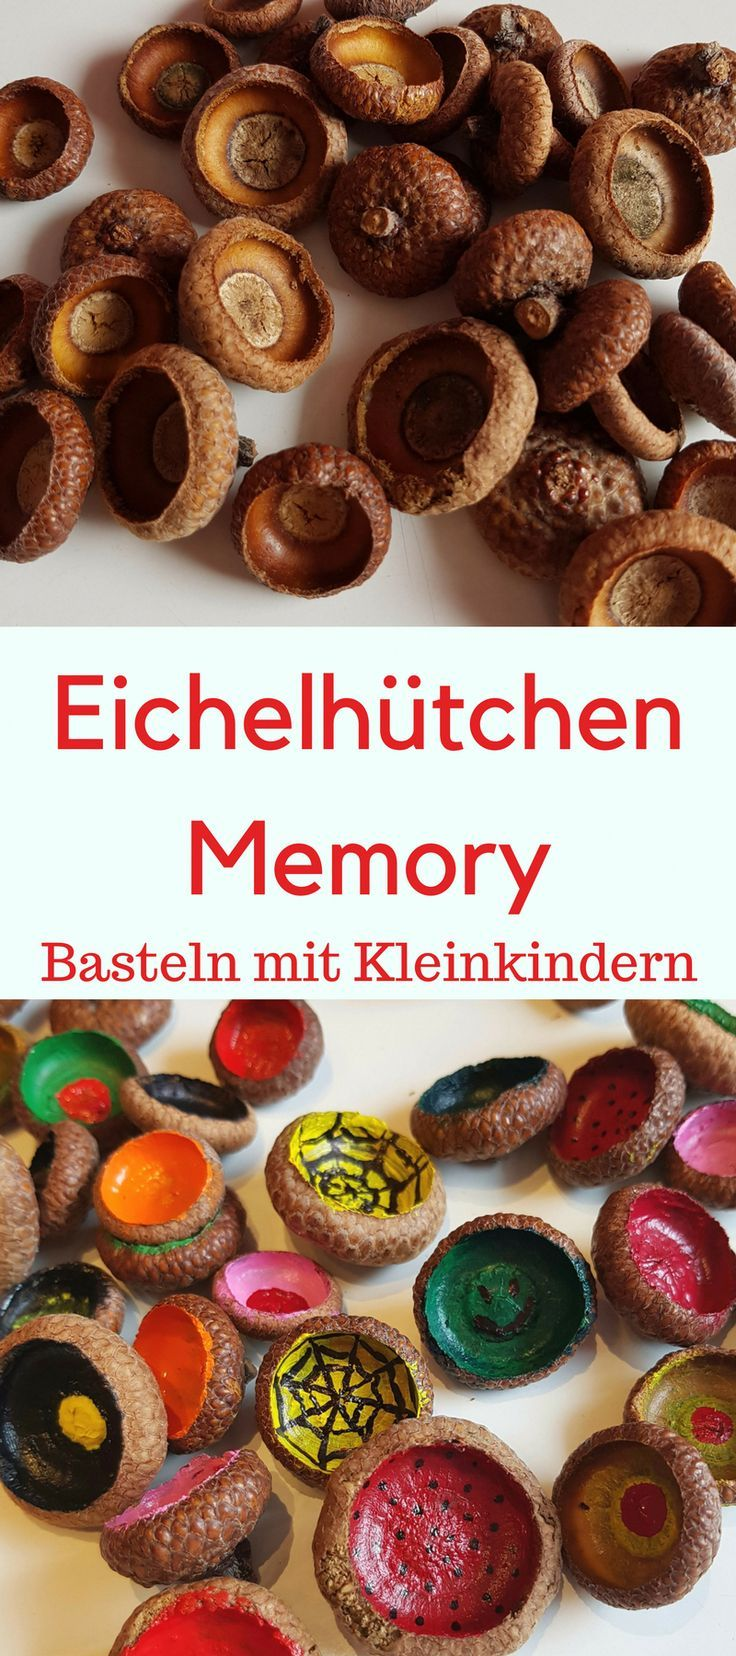 Wald-Memory aus Eichelhütchen-basteln im Herbst ,  #aus #Eichelhütchenbasteln #Herbst #WaldMe... #herbstdekobastelnnaturmaterialien